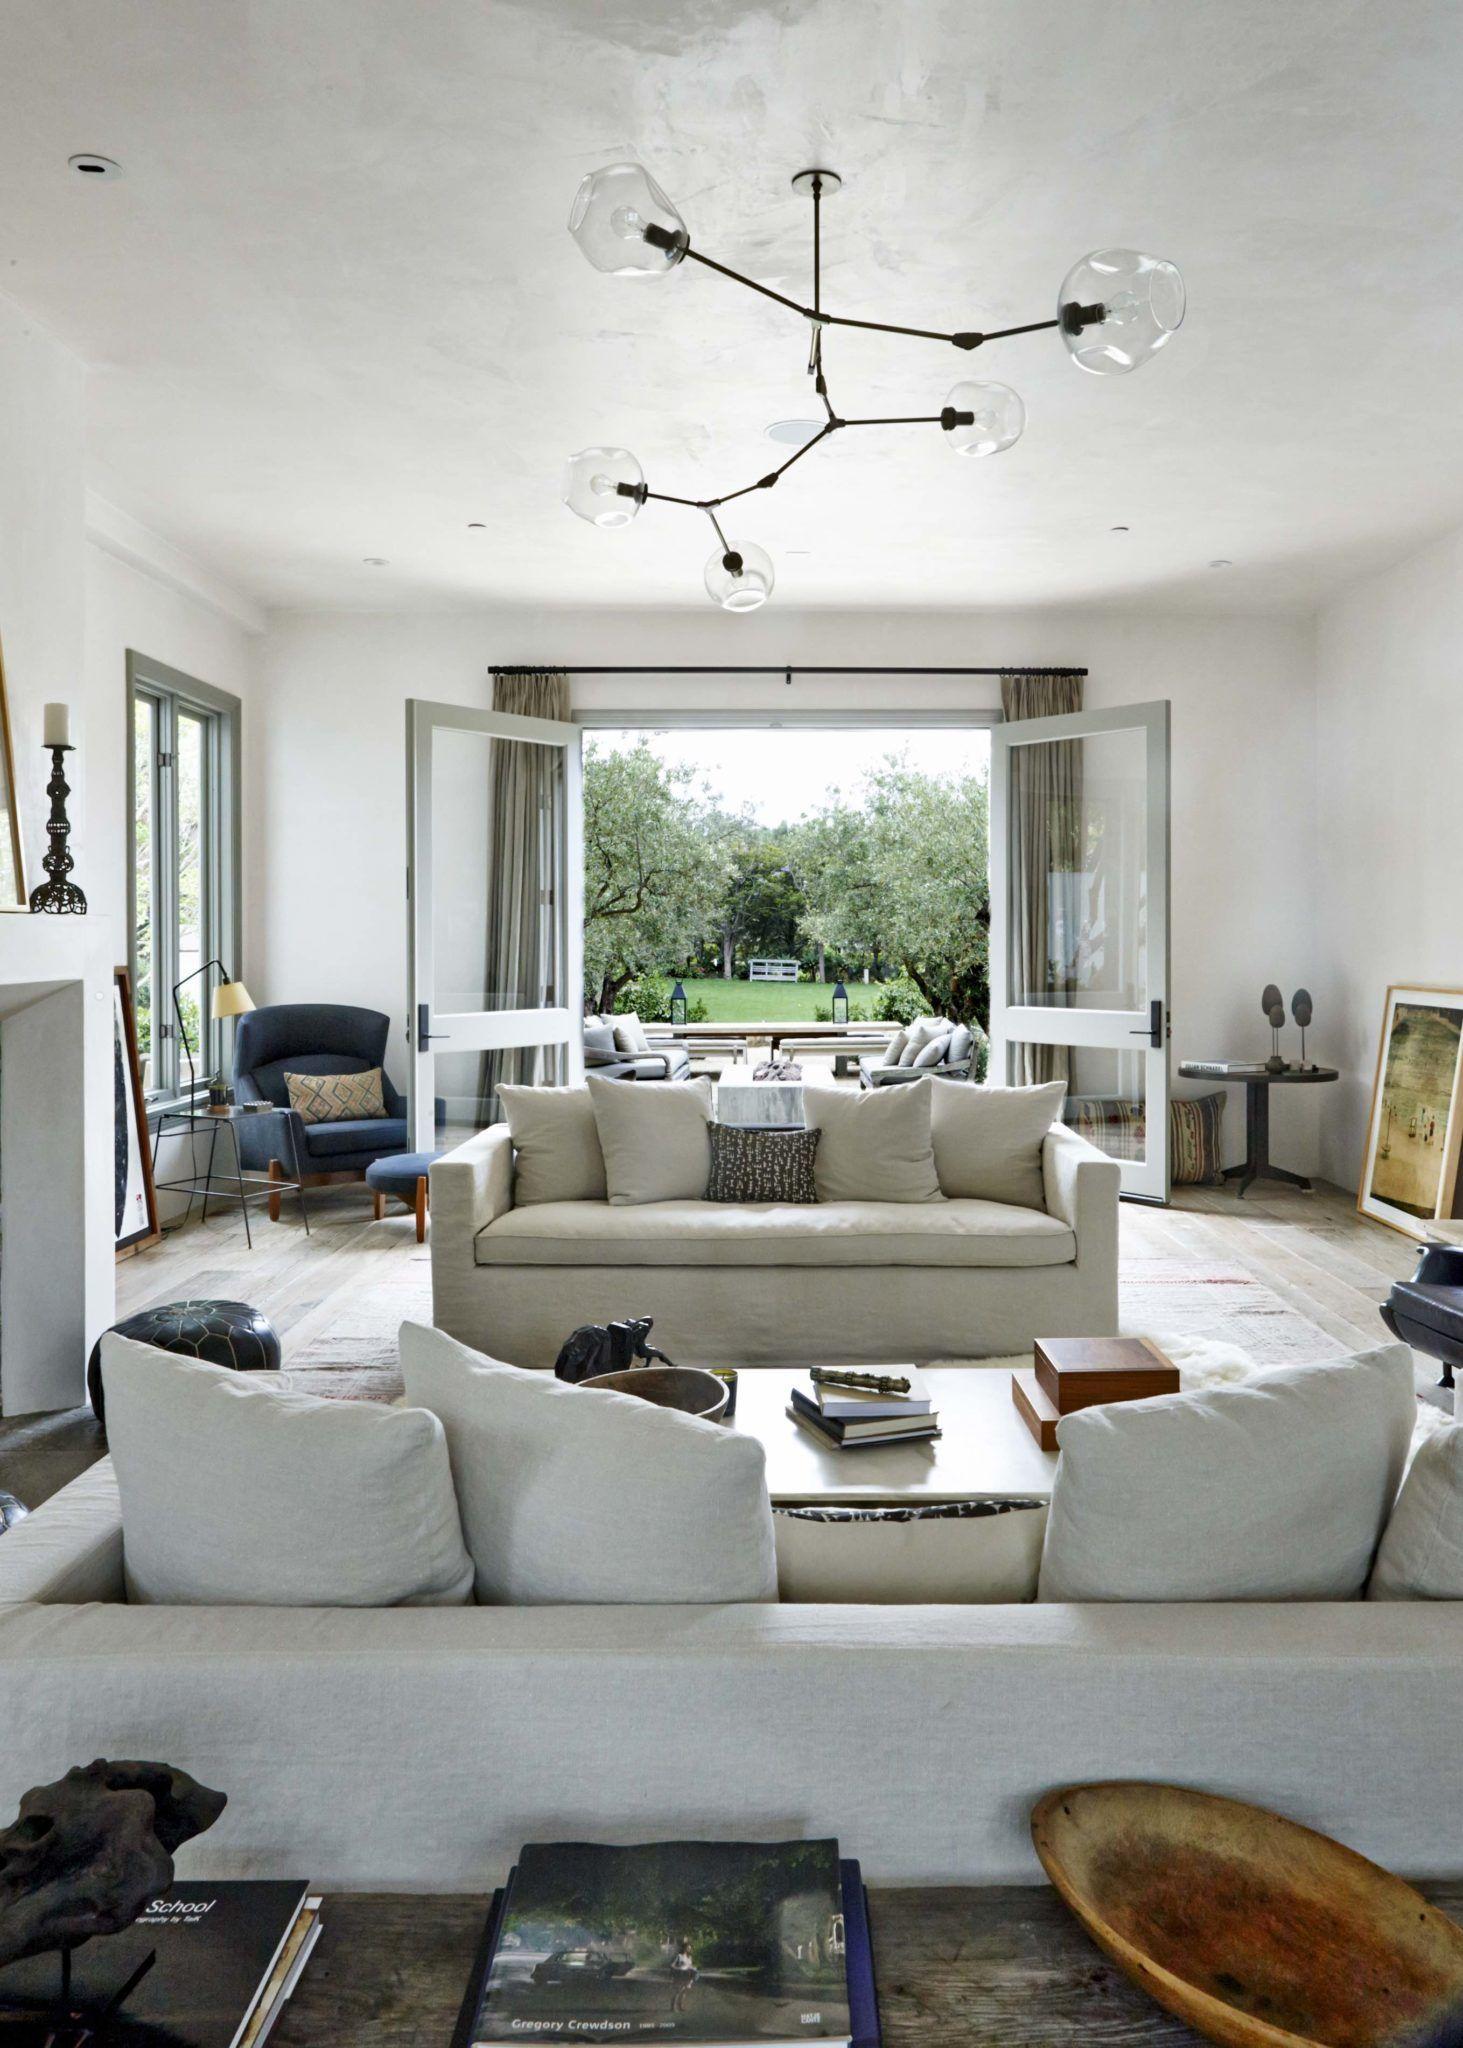 Boho Living Room Large Living Room Rugs Art In Living Room Cozy Living Room Black And White Living Ro In 2020 Living Room Sets Couches Living Room Interior Design